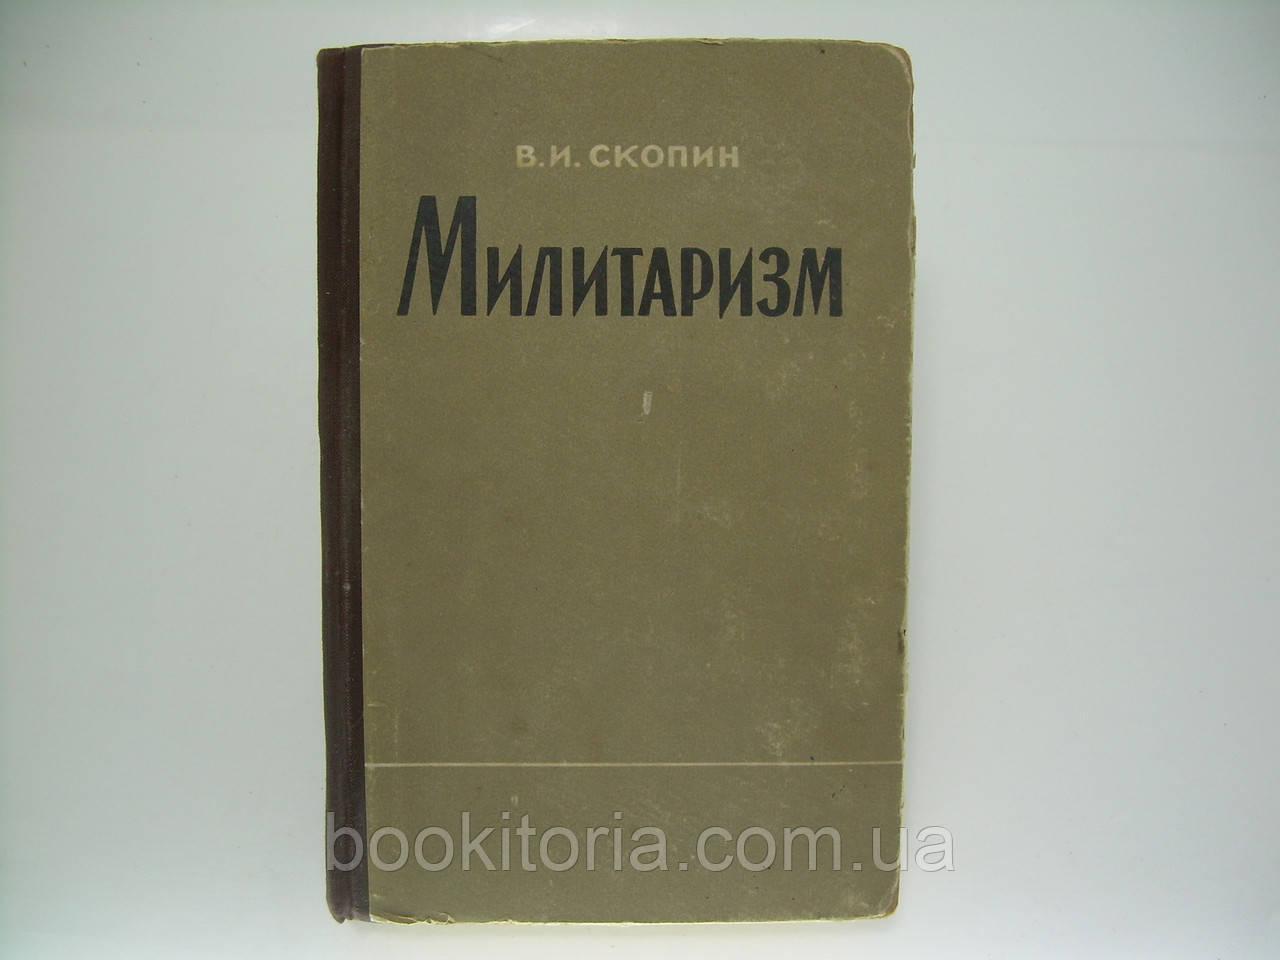 Скопин В.И. Милитаризм. Исторические очерки (б/у).